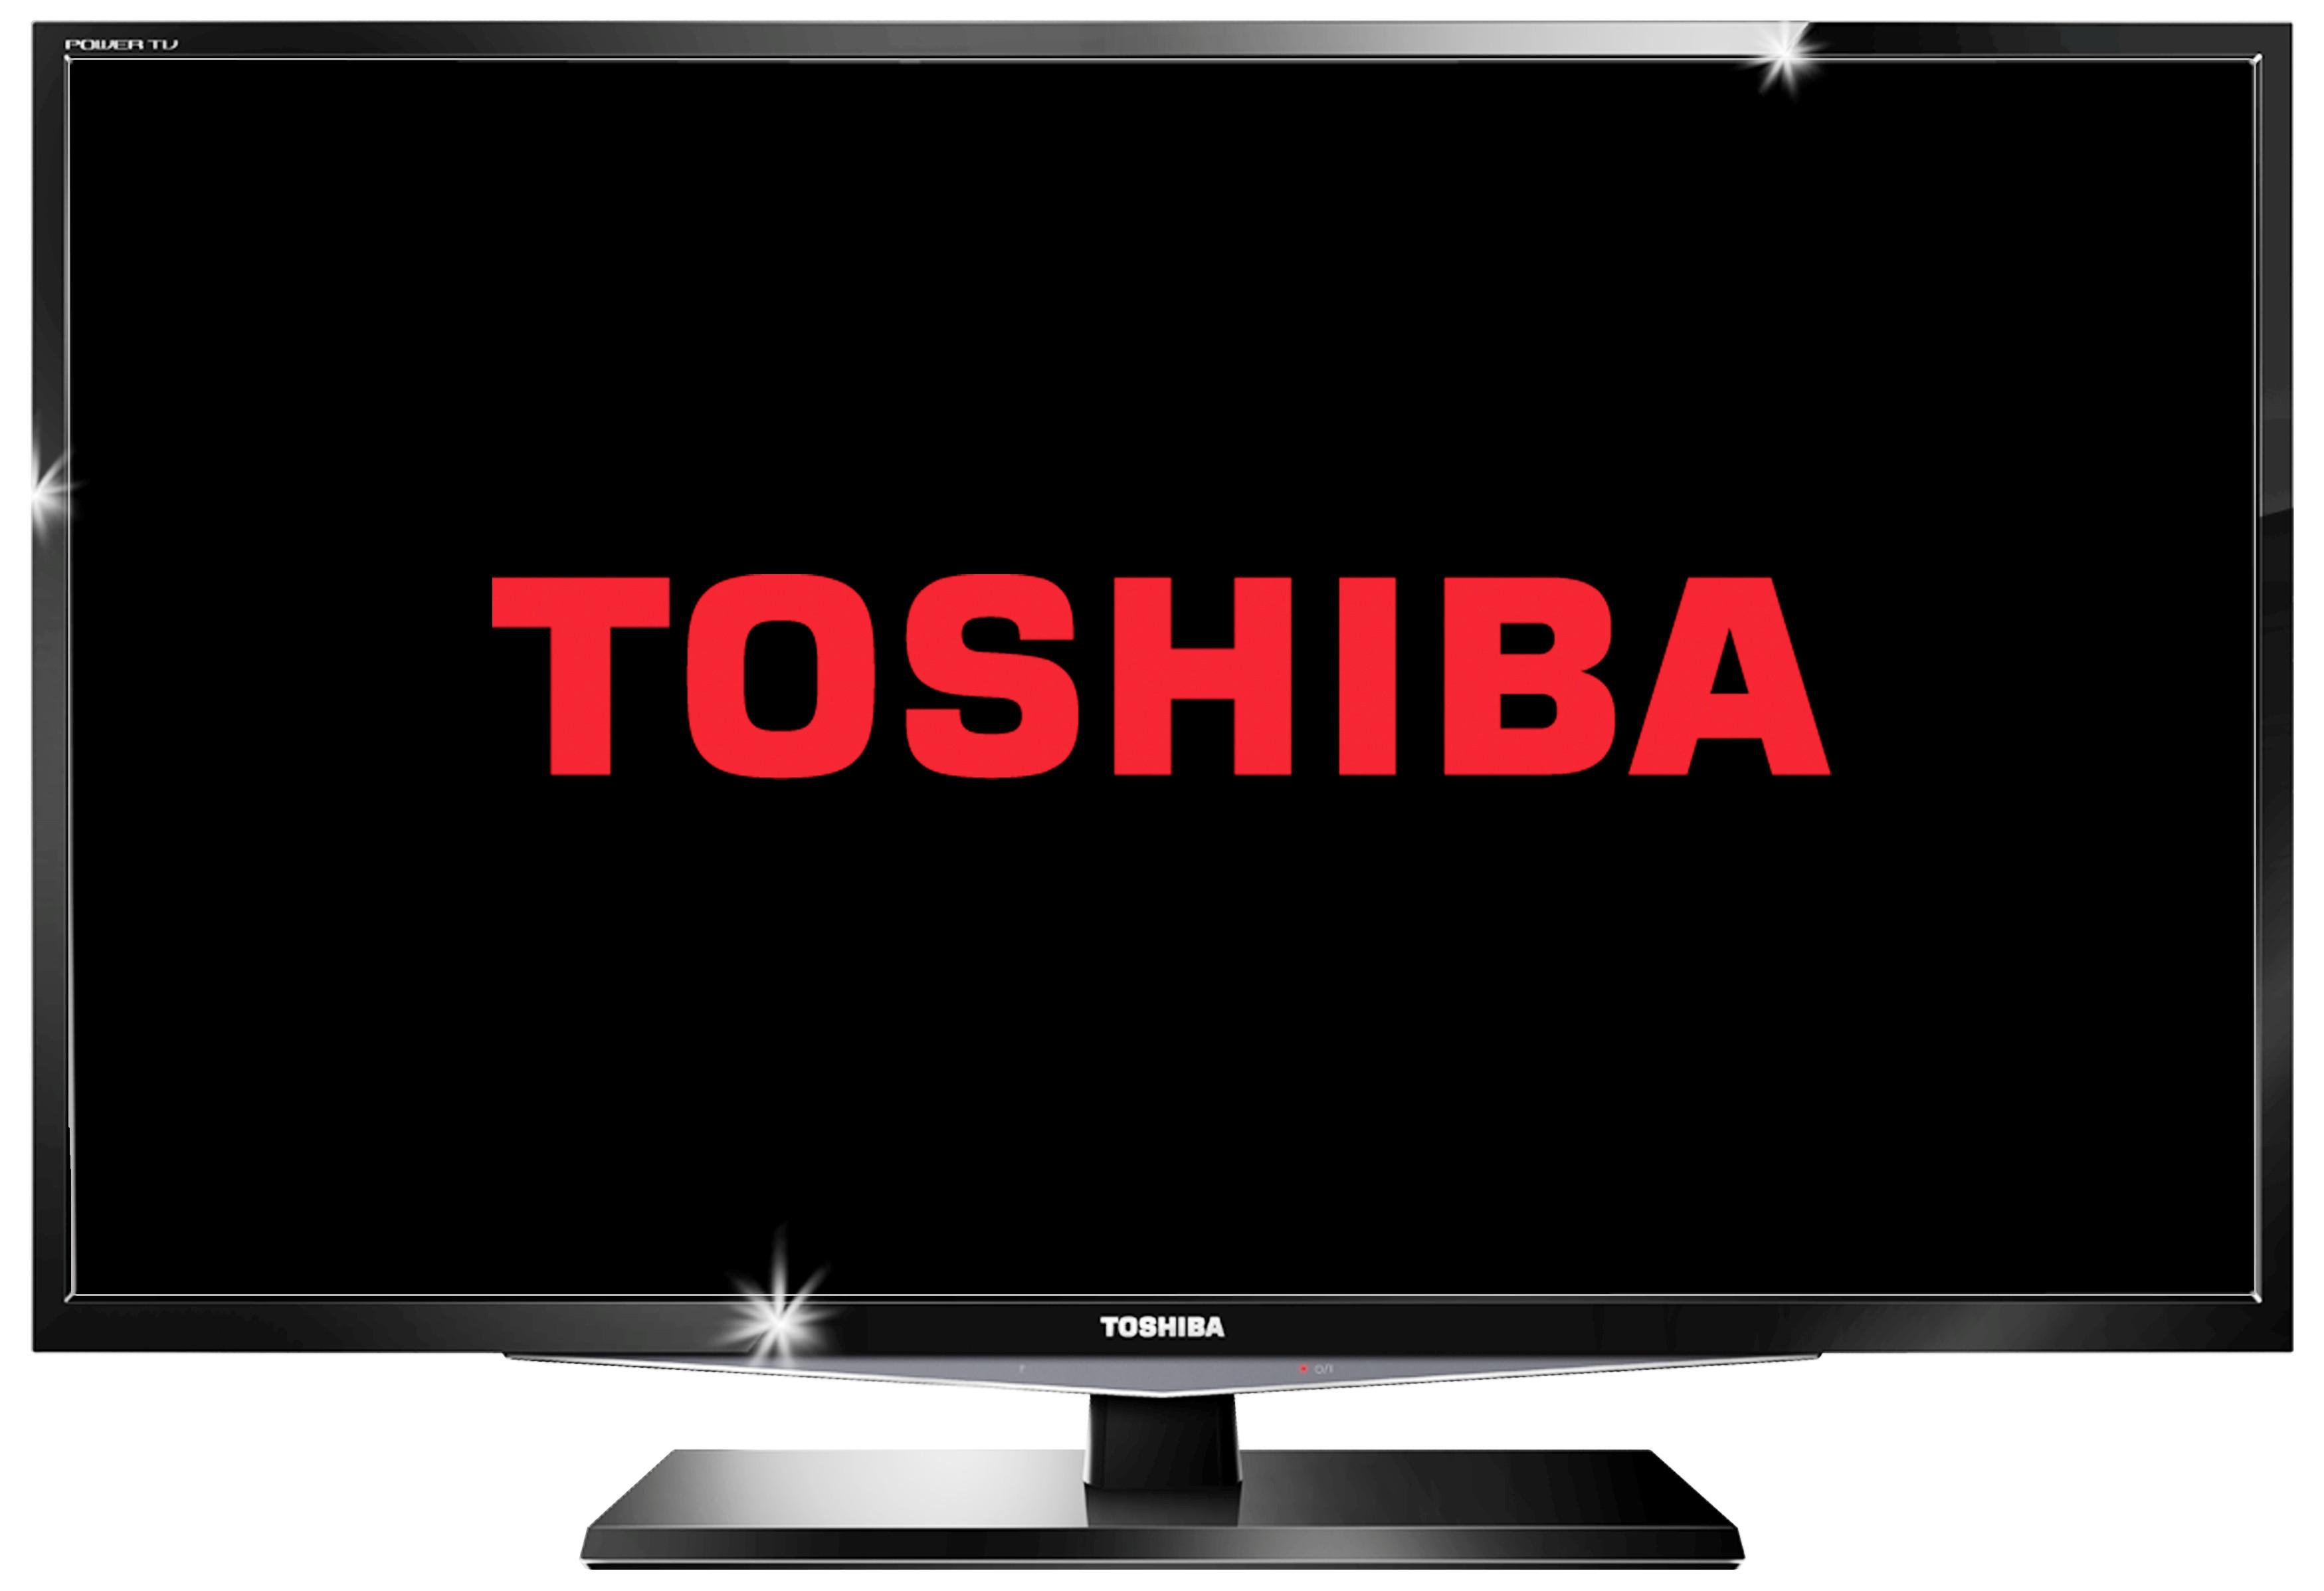 Toshiba желает реализовать бизнес попроизводству телевизоров